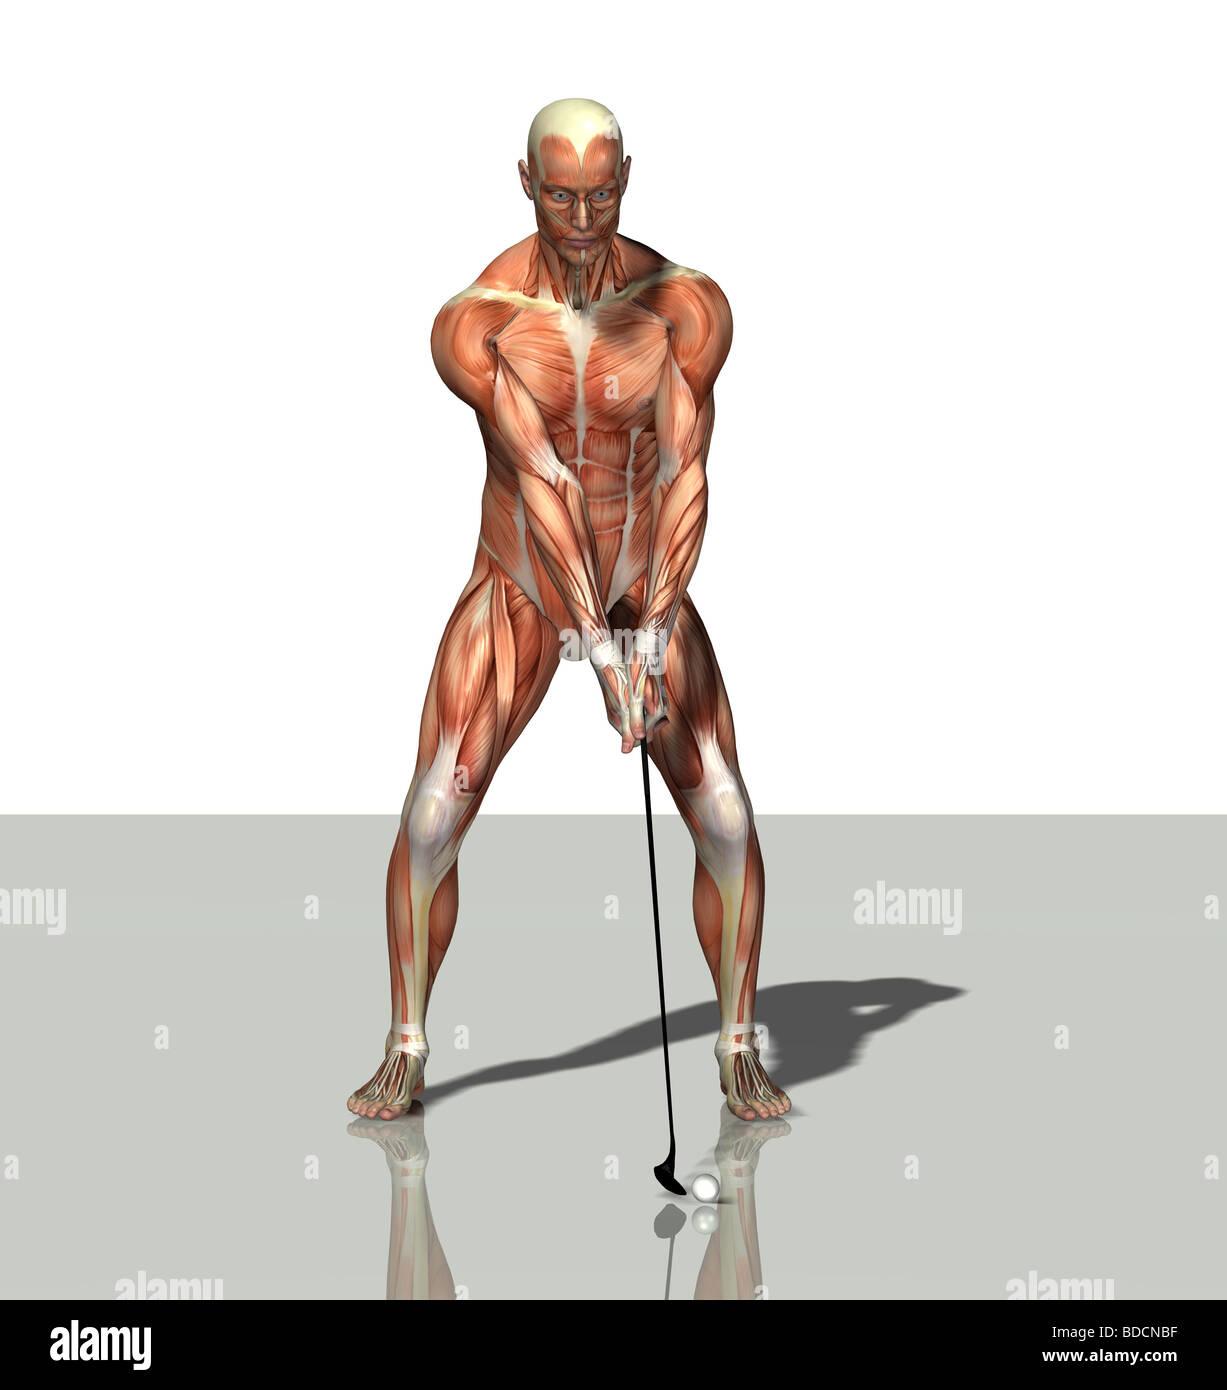 Anatomie Anatomy Stockfotos & Anatomie Anatomy Bilder - Seite 12 - Alamy